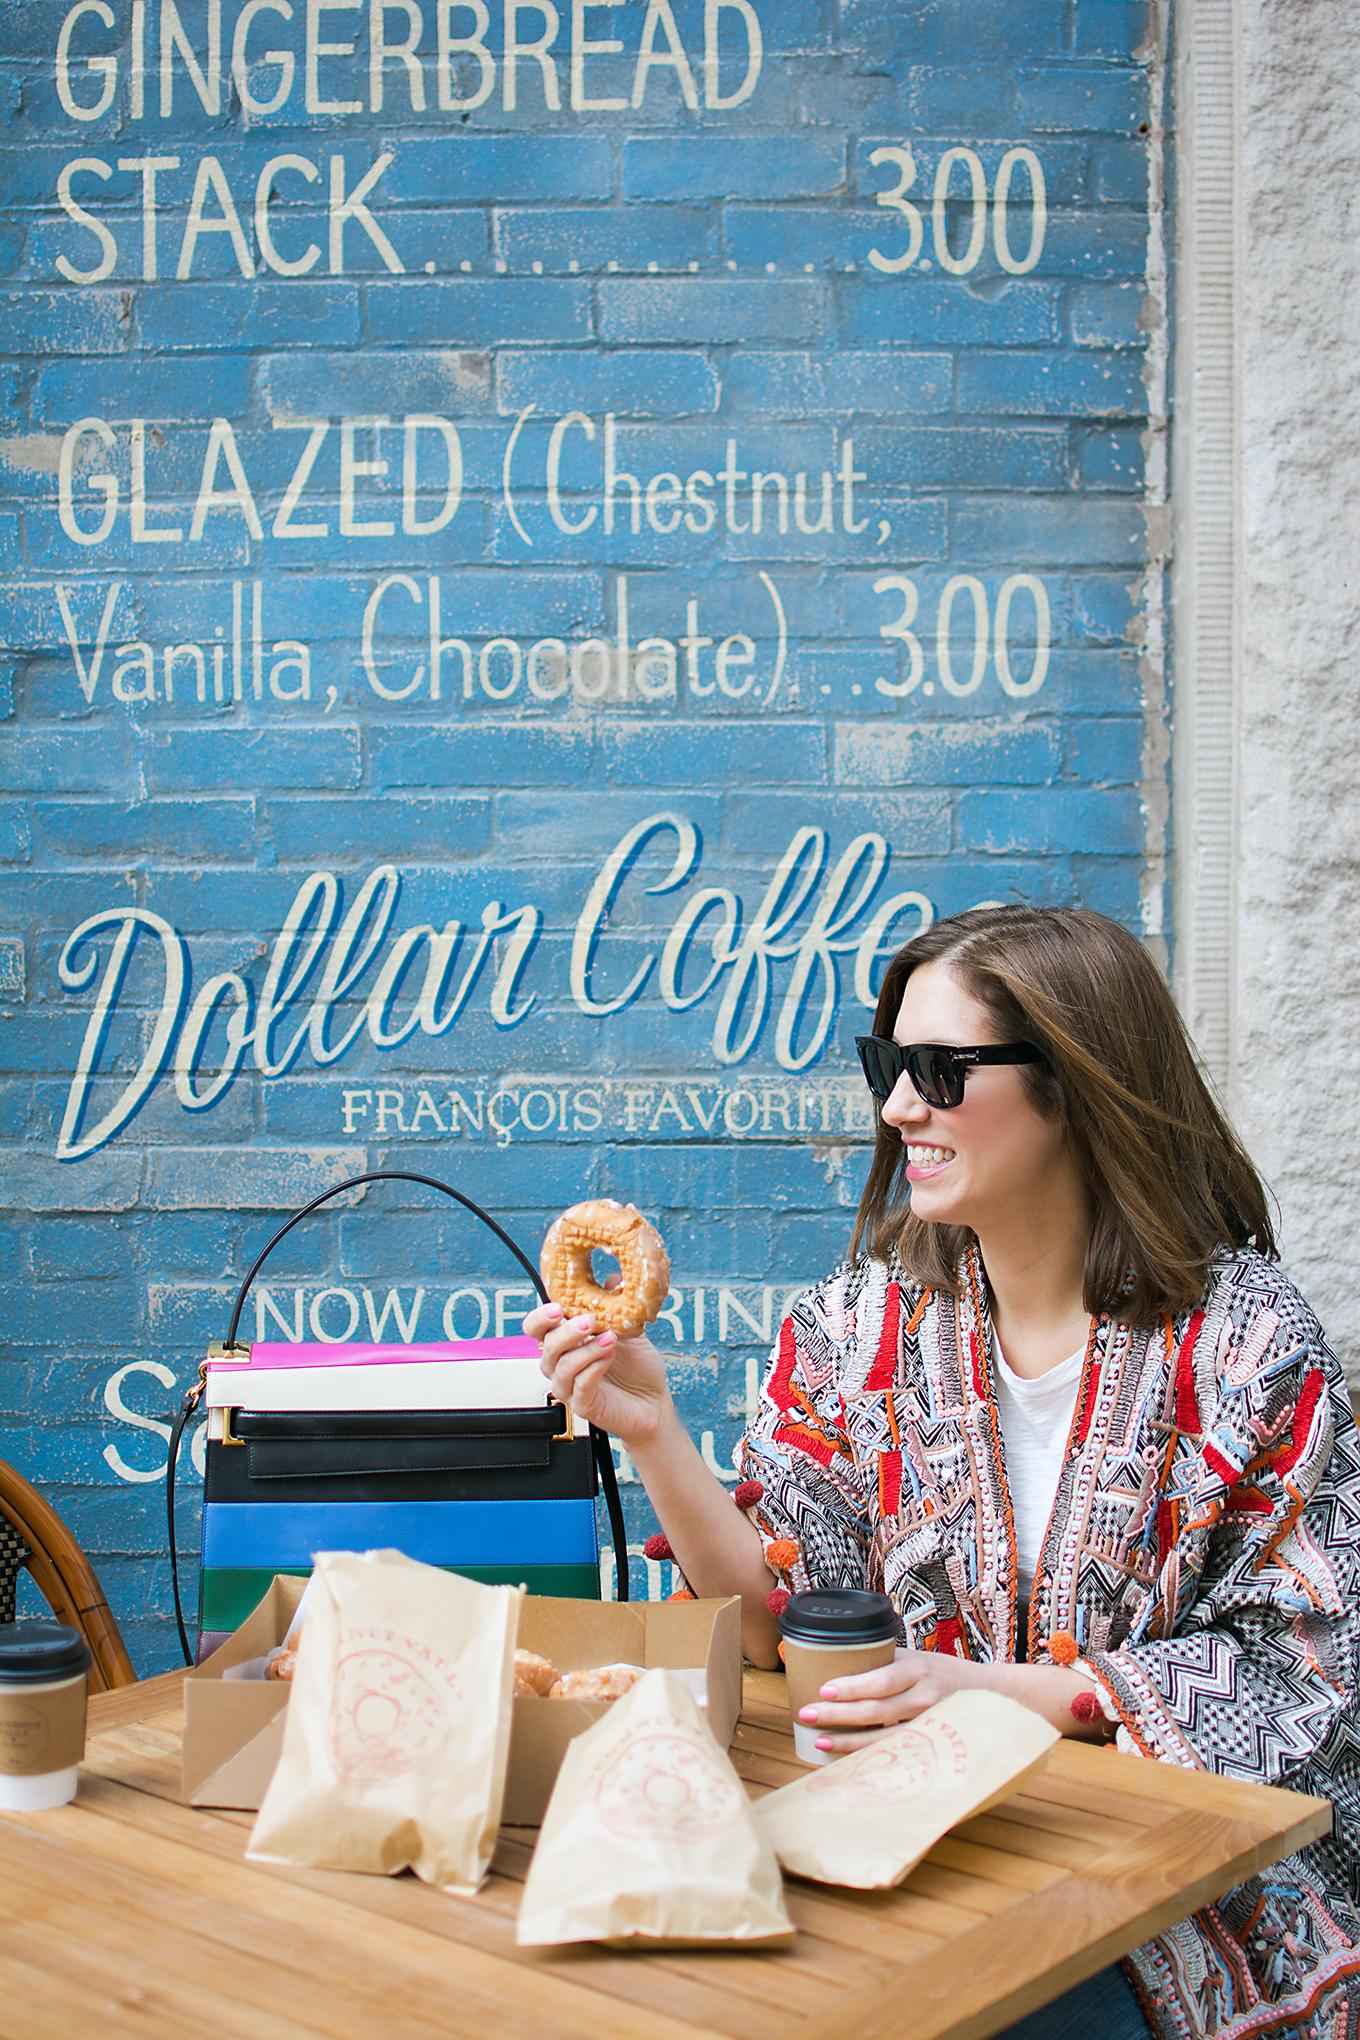 Best_doughnuts_chicago